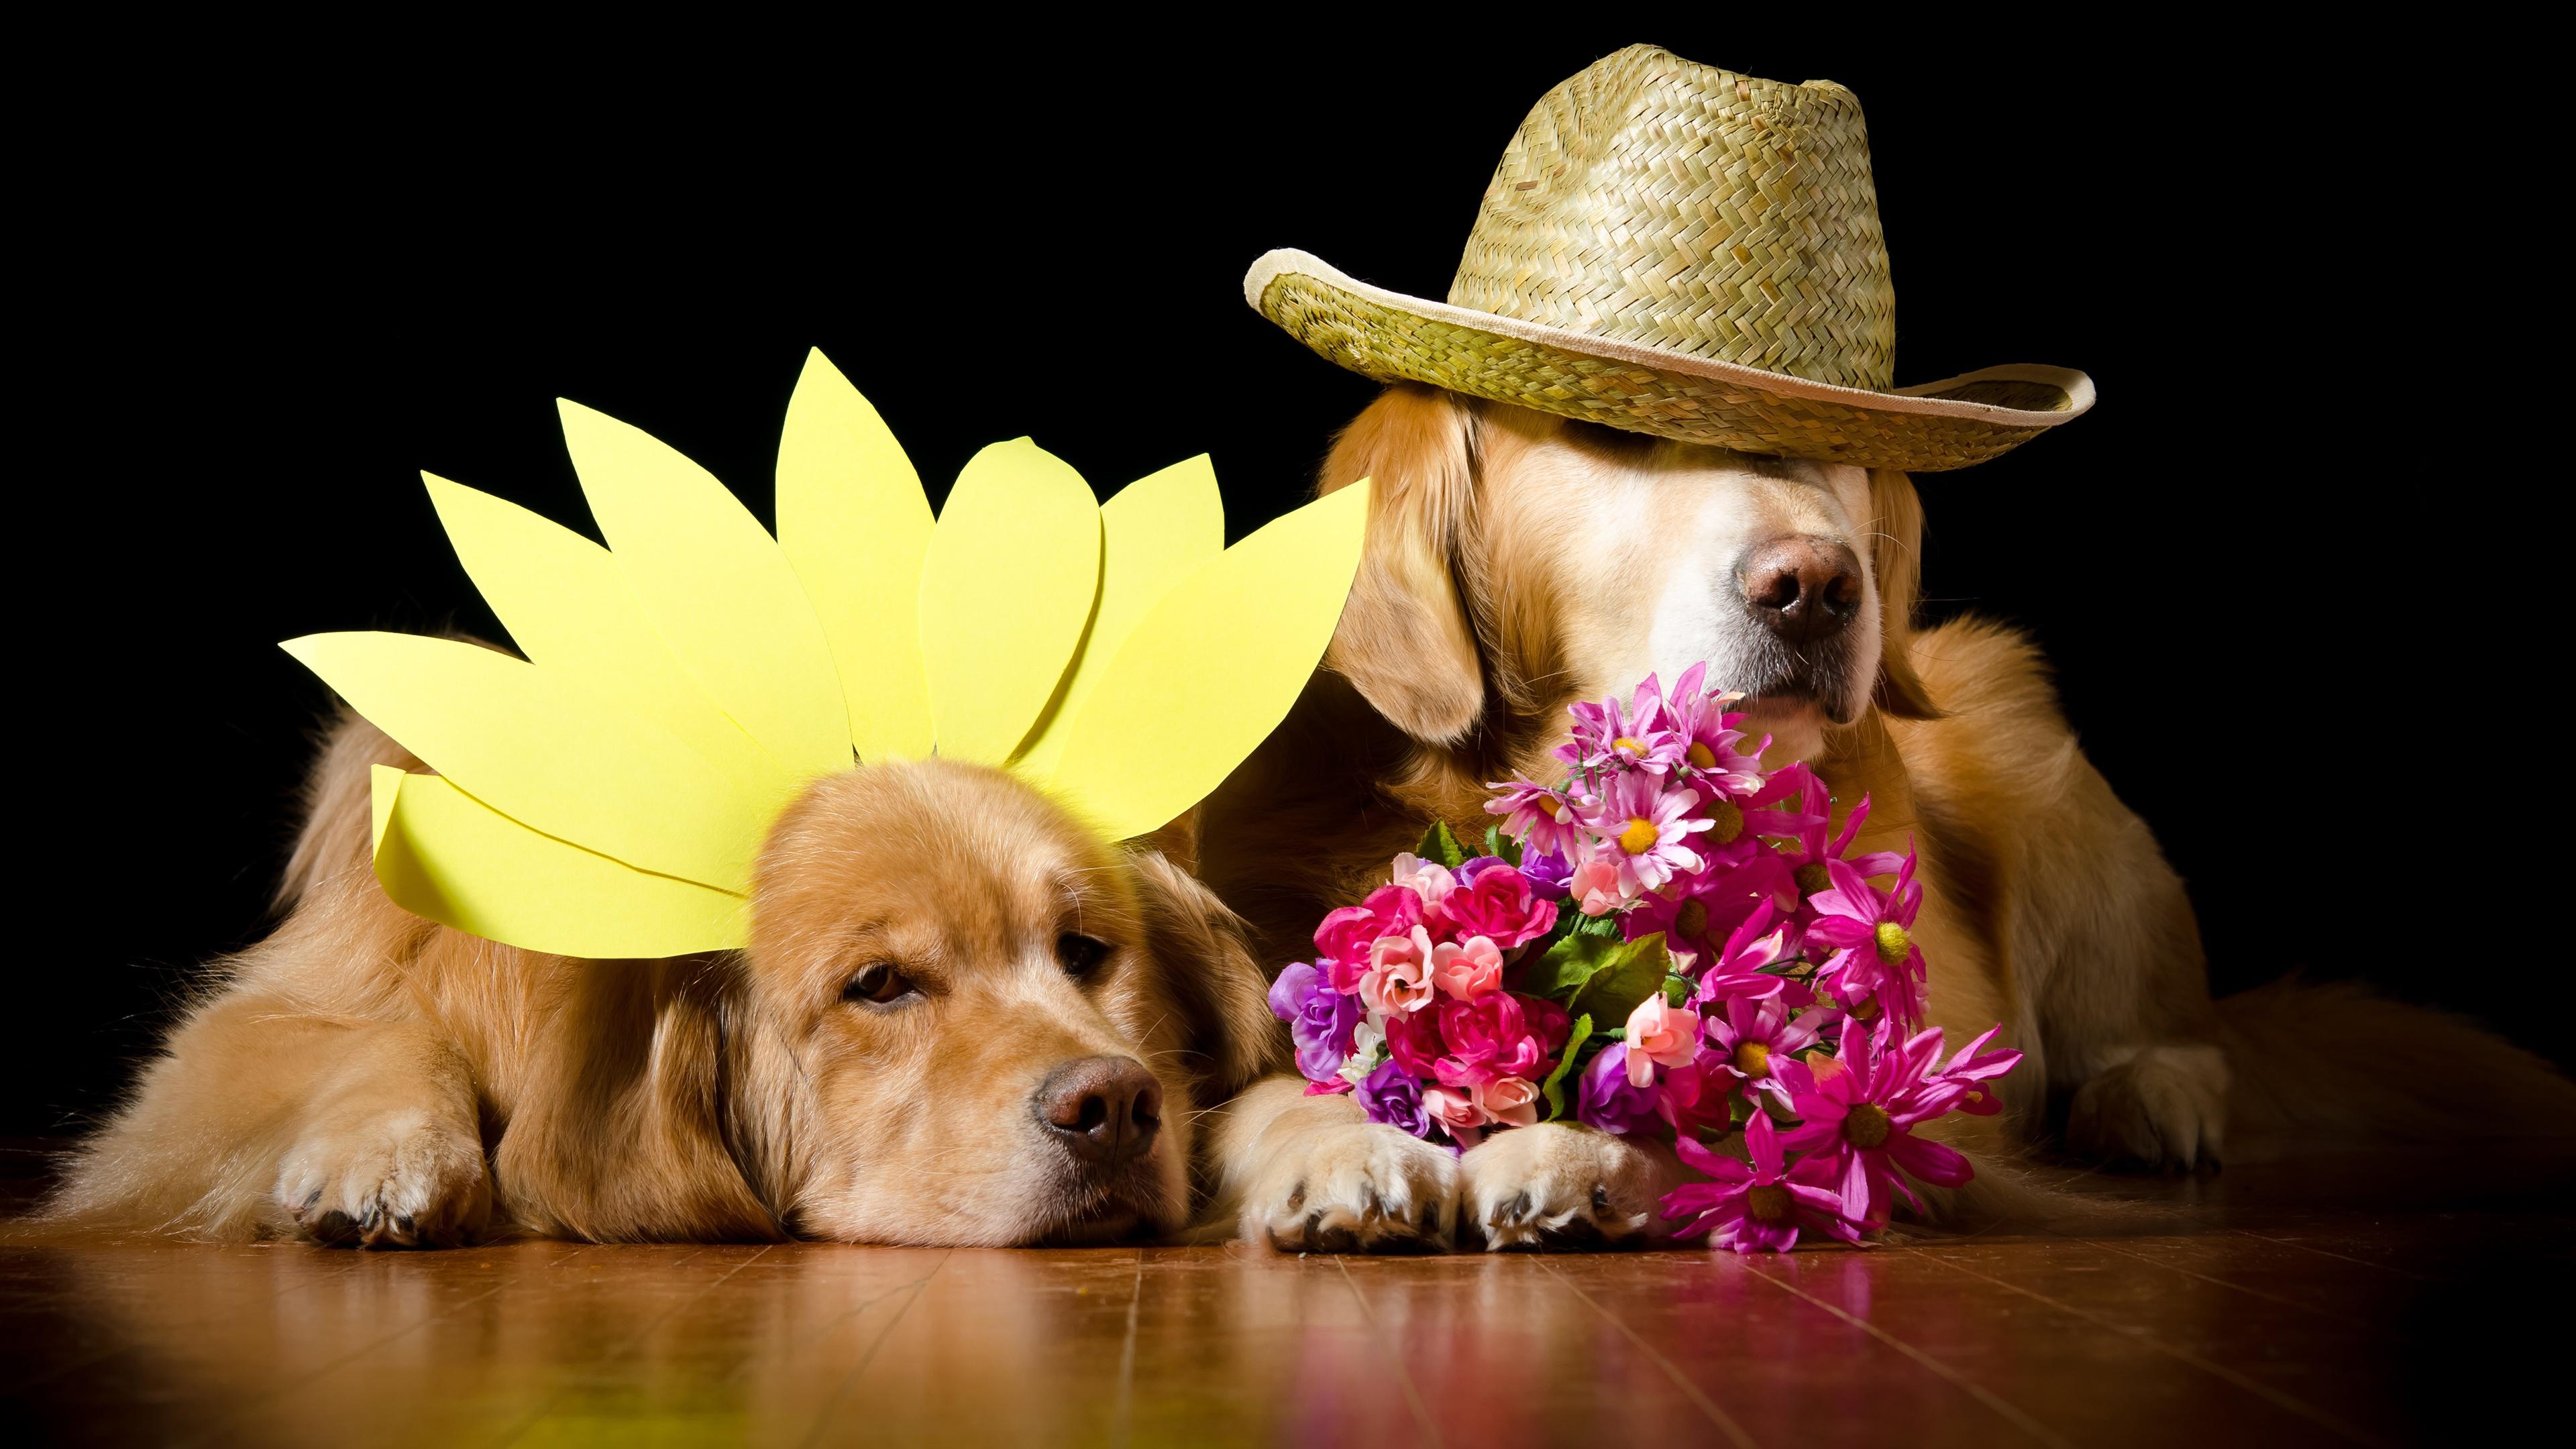 установка щенок с цветами в зубах фото два